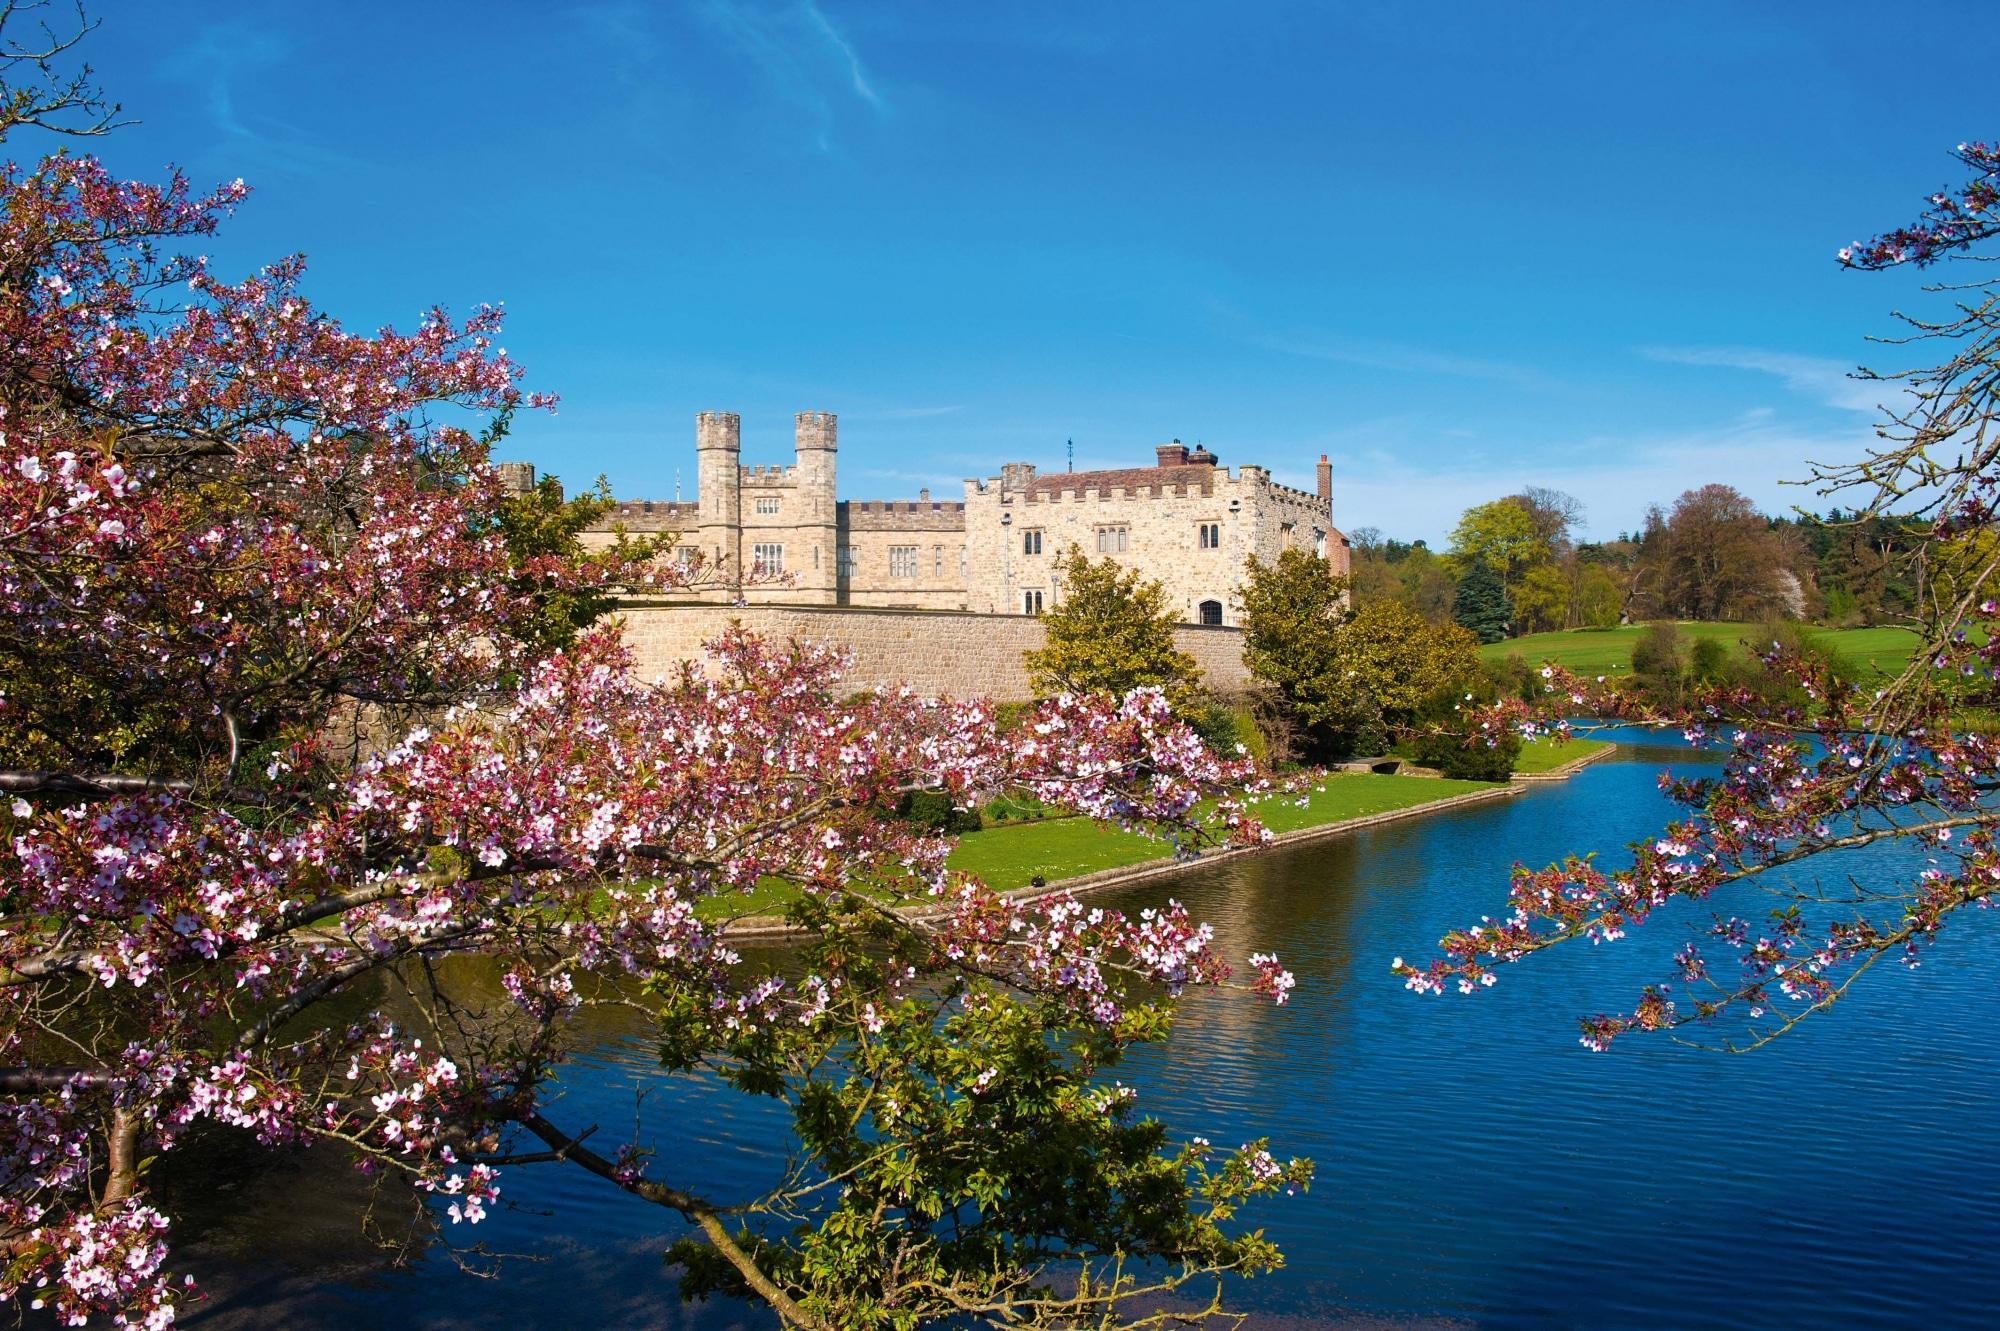 Südostengland, Leeds Castle in Kent